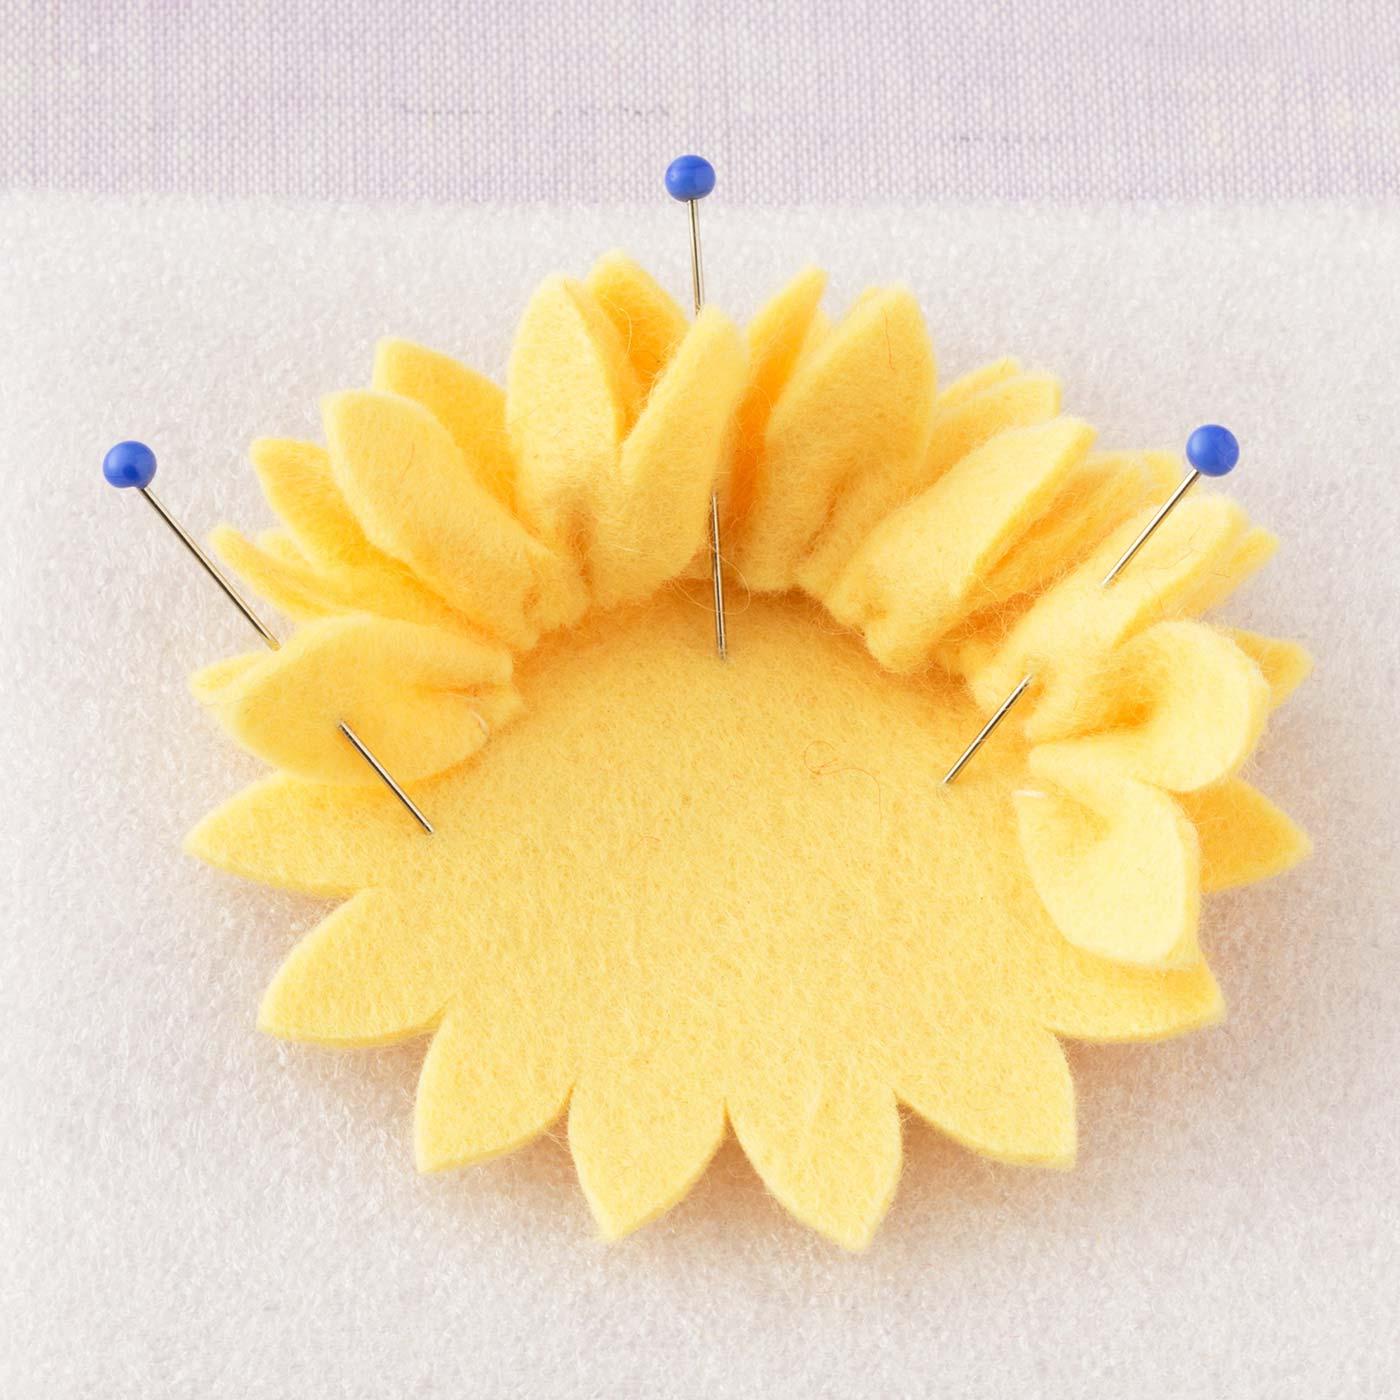 縫い縮めて貼る 連なった花びらの根もとを縫い縮めて、接着剤で貼り合わせます。